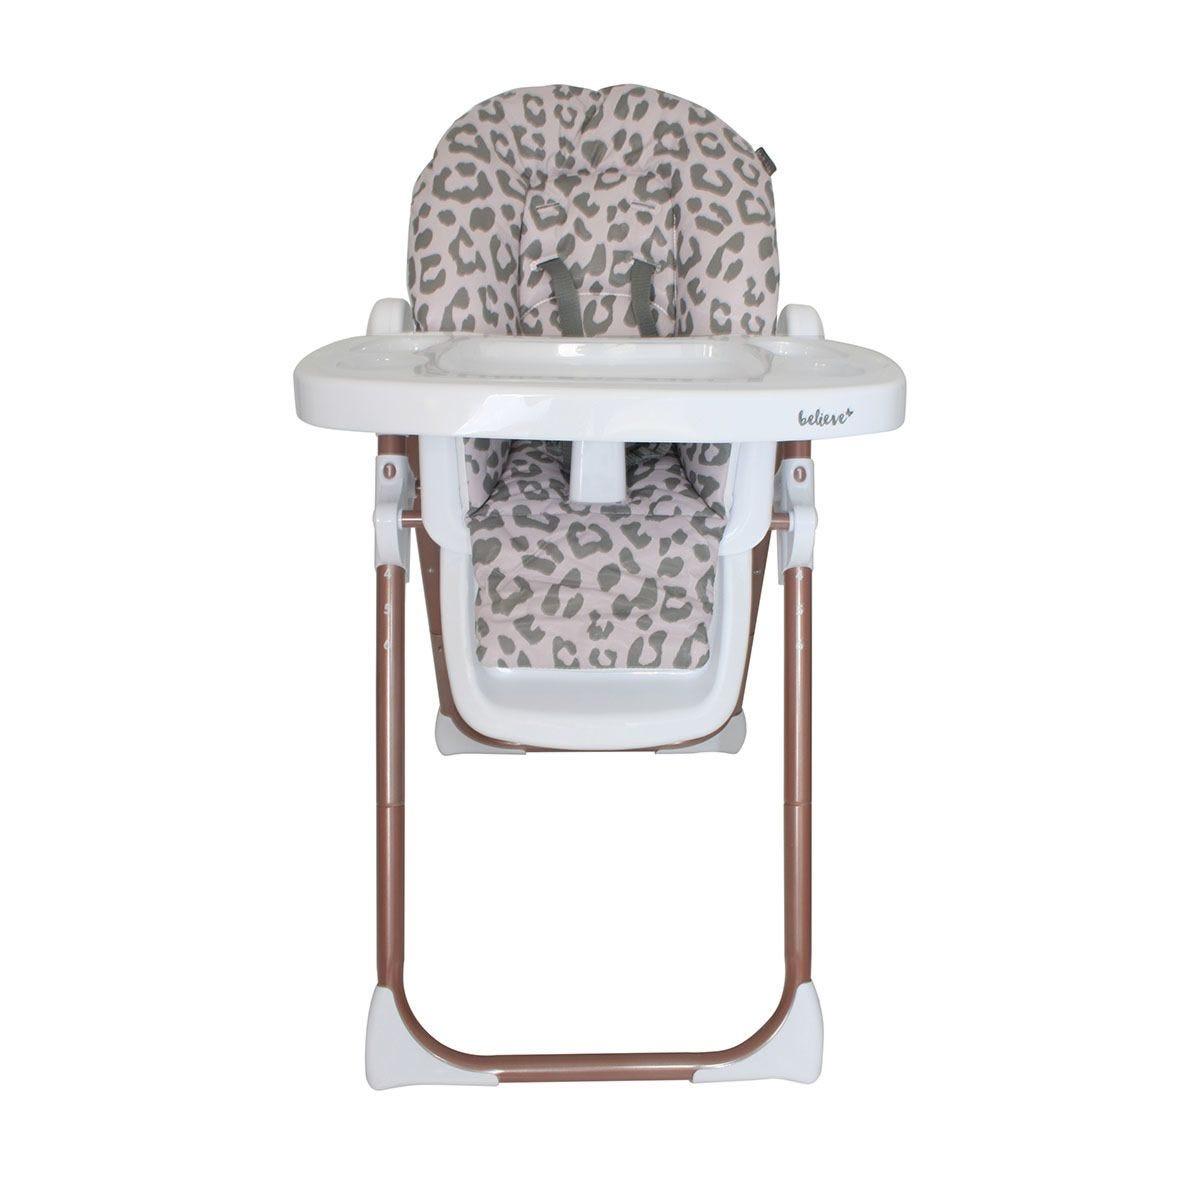 My Babiie Katie Piper Premium Highchair - Blush Leopard